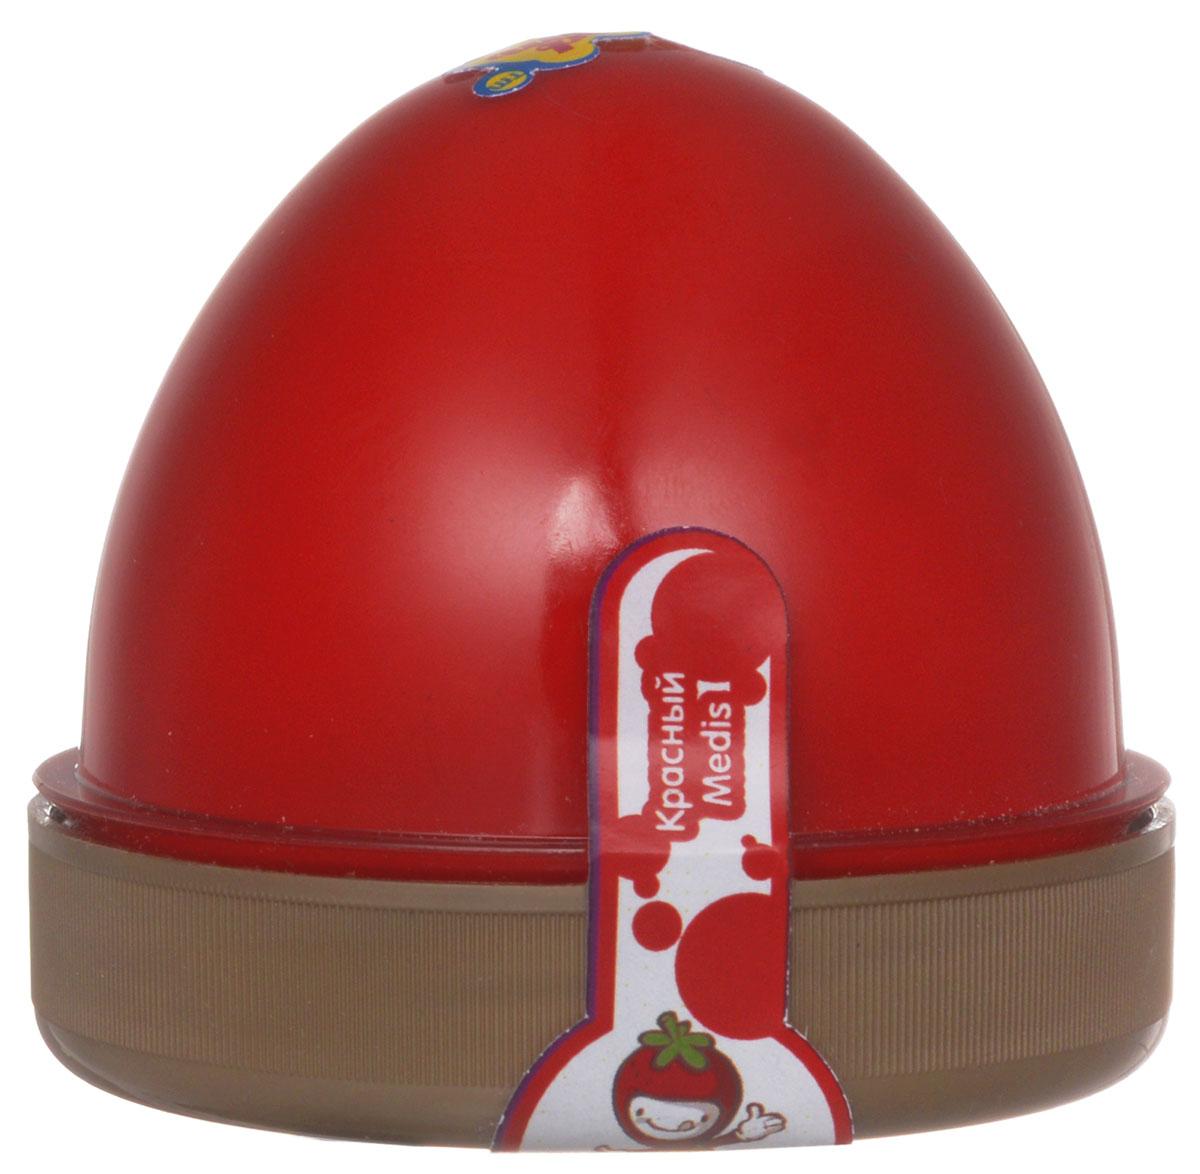 """Жвачка для рук """"ТМ HandGum"""", цвет: красный, с клубники, 70 г"""